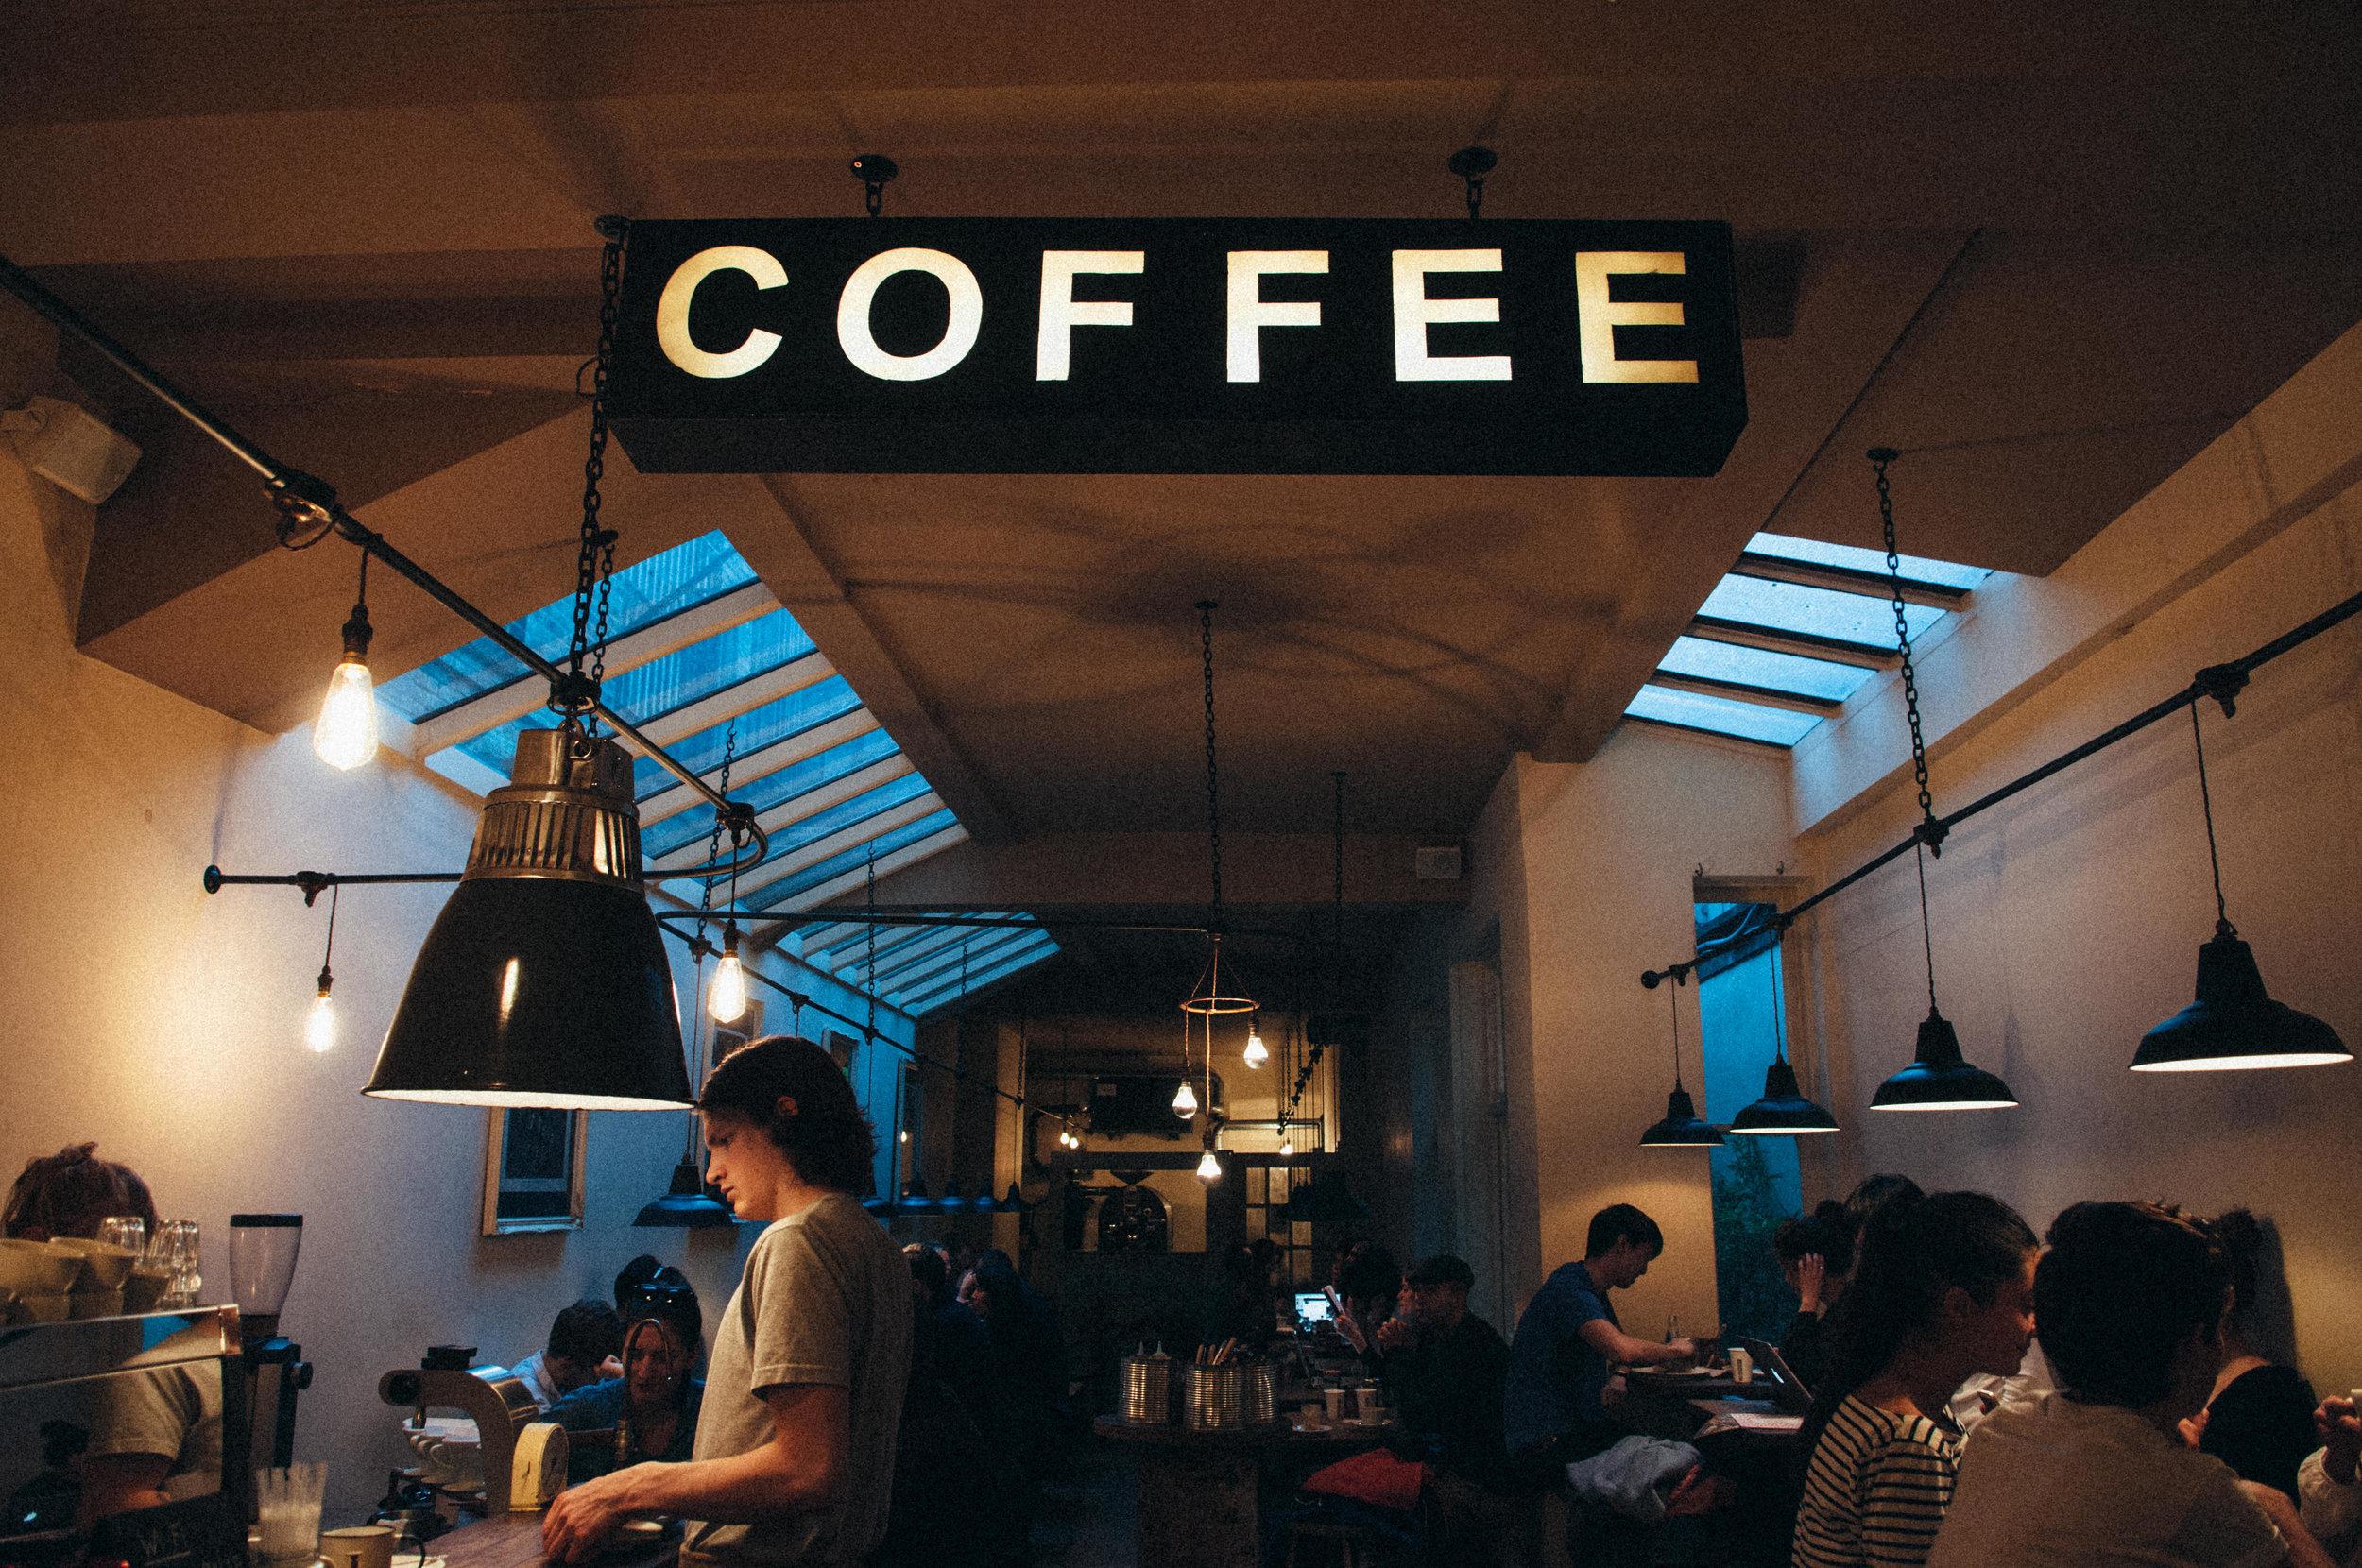 Amazing Coffee House Interior